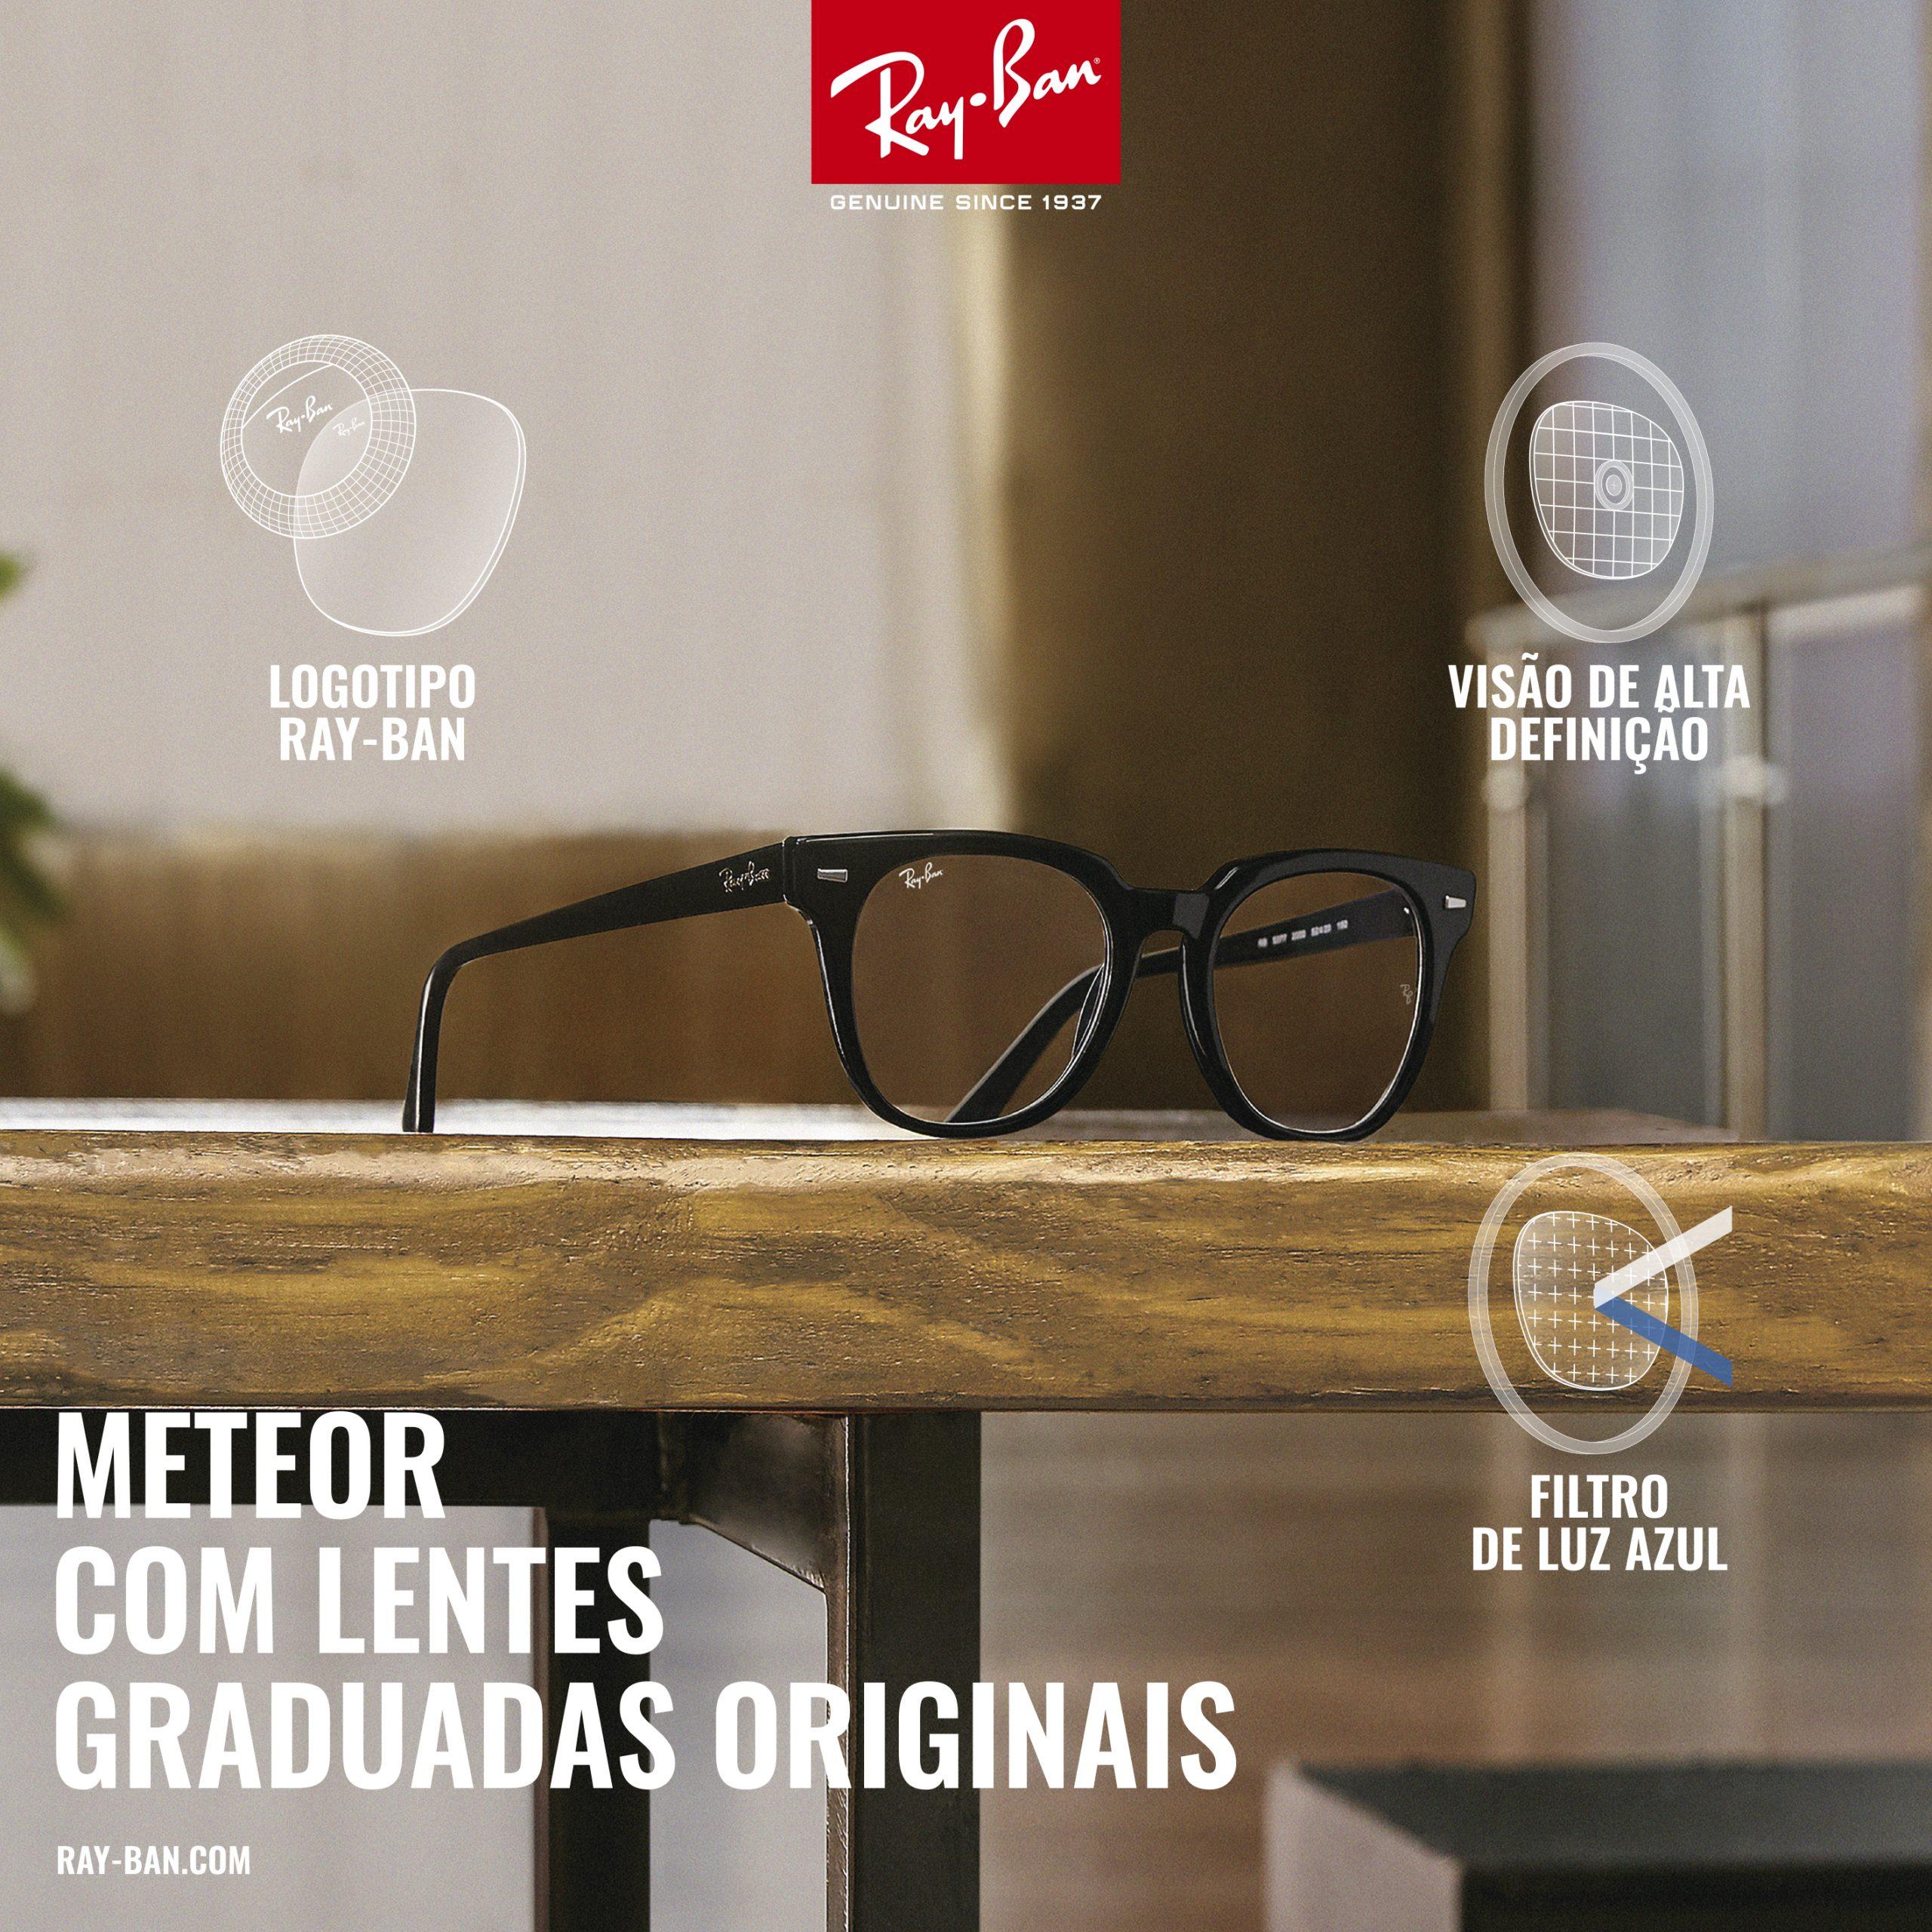 Meteor com lentes graduadas originais - Óptica Pitosga